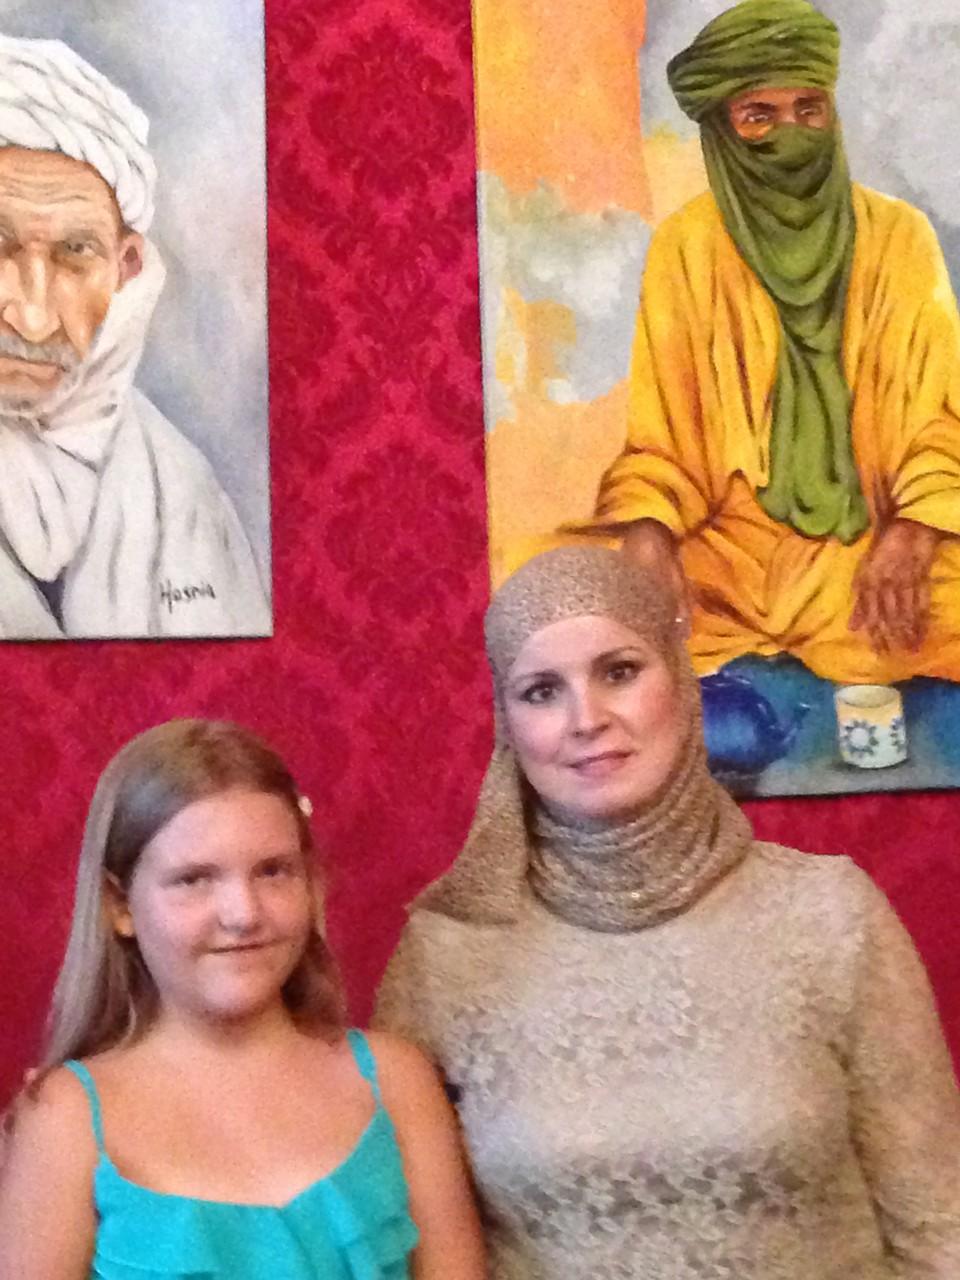 die algerische Künstlerin Hasnia - 7.Annuale-MOYA - 23.6.2014